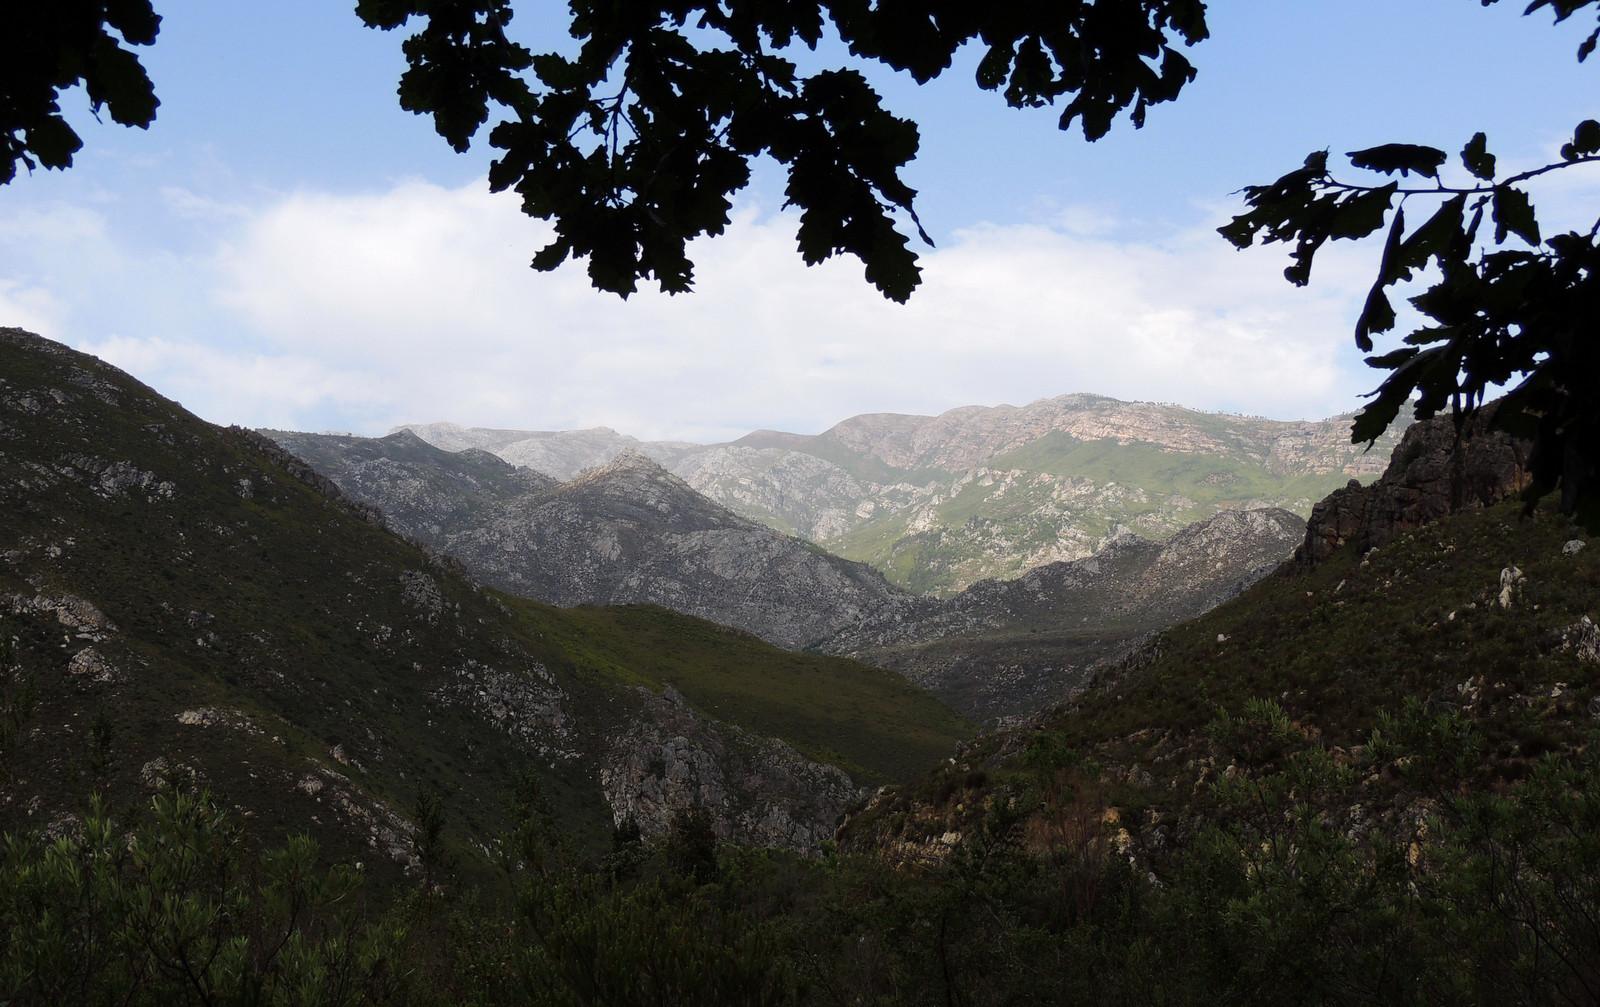 Franshoek Pass